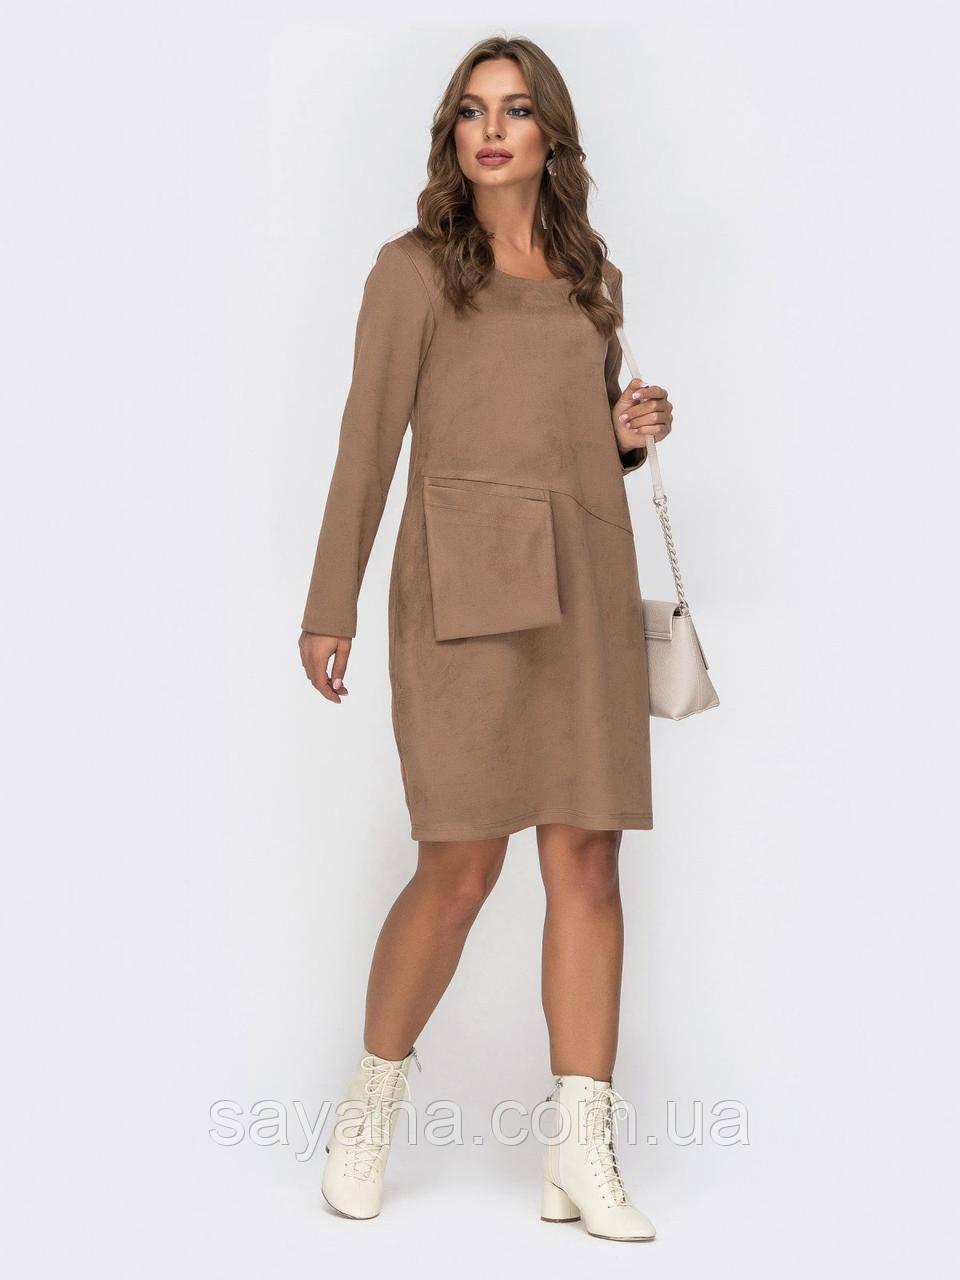 Женское платье из замши, 2 цвета с 44 по 54 р-р. ЛП-1-1019(749)